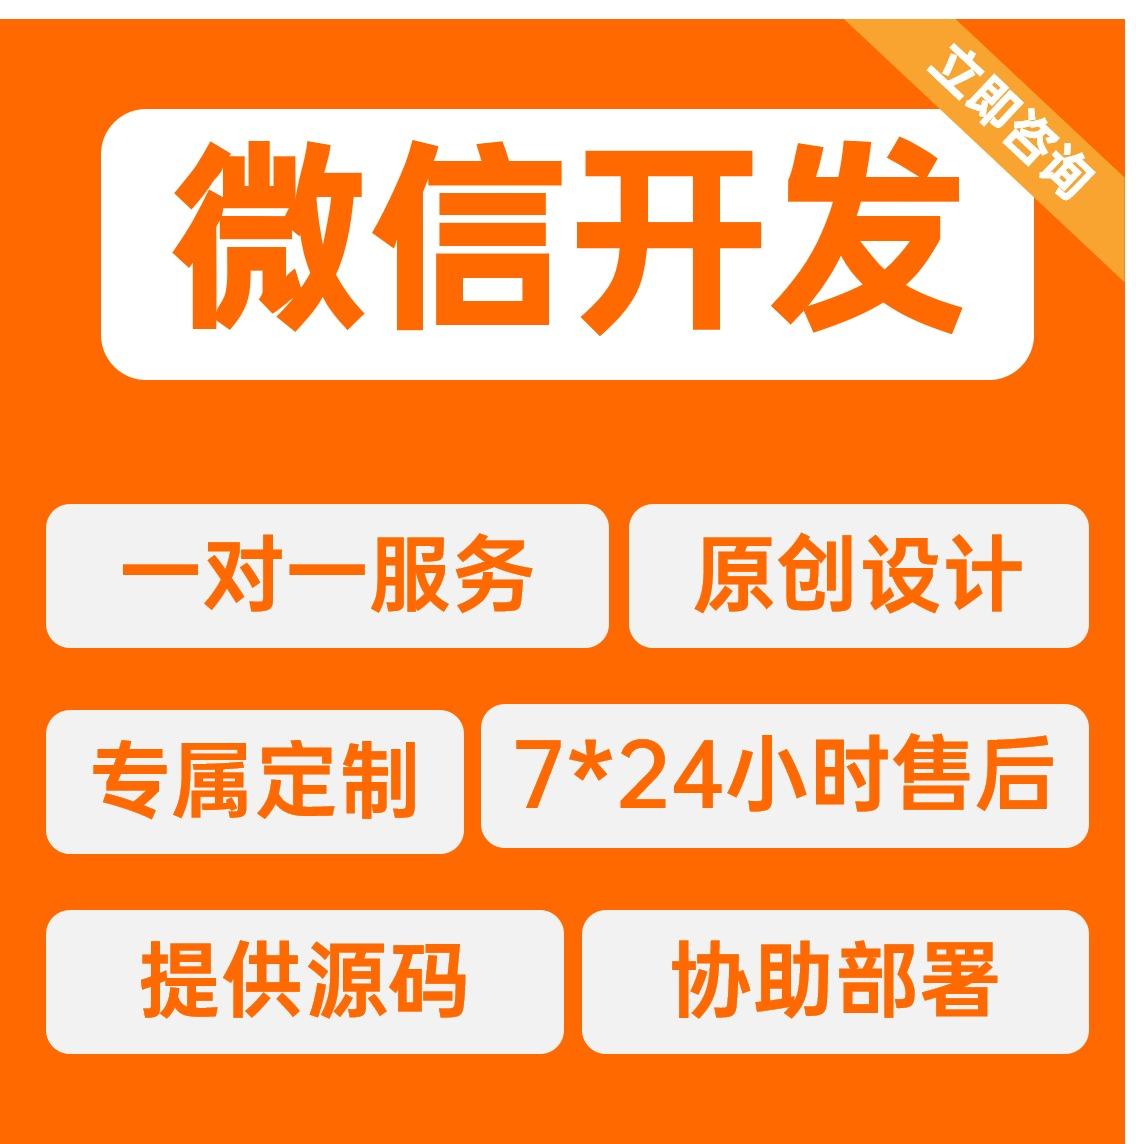 超市餐厅影院KTV酒吧茶馆酒店旅游民宿农家乐微信公众号开发